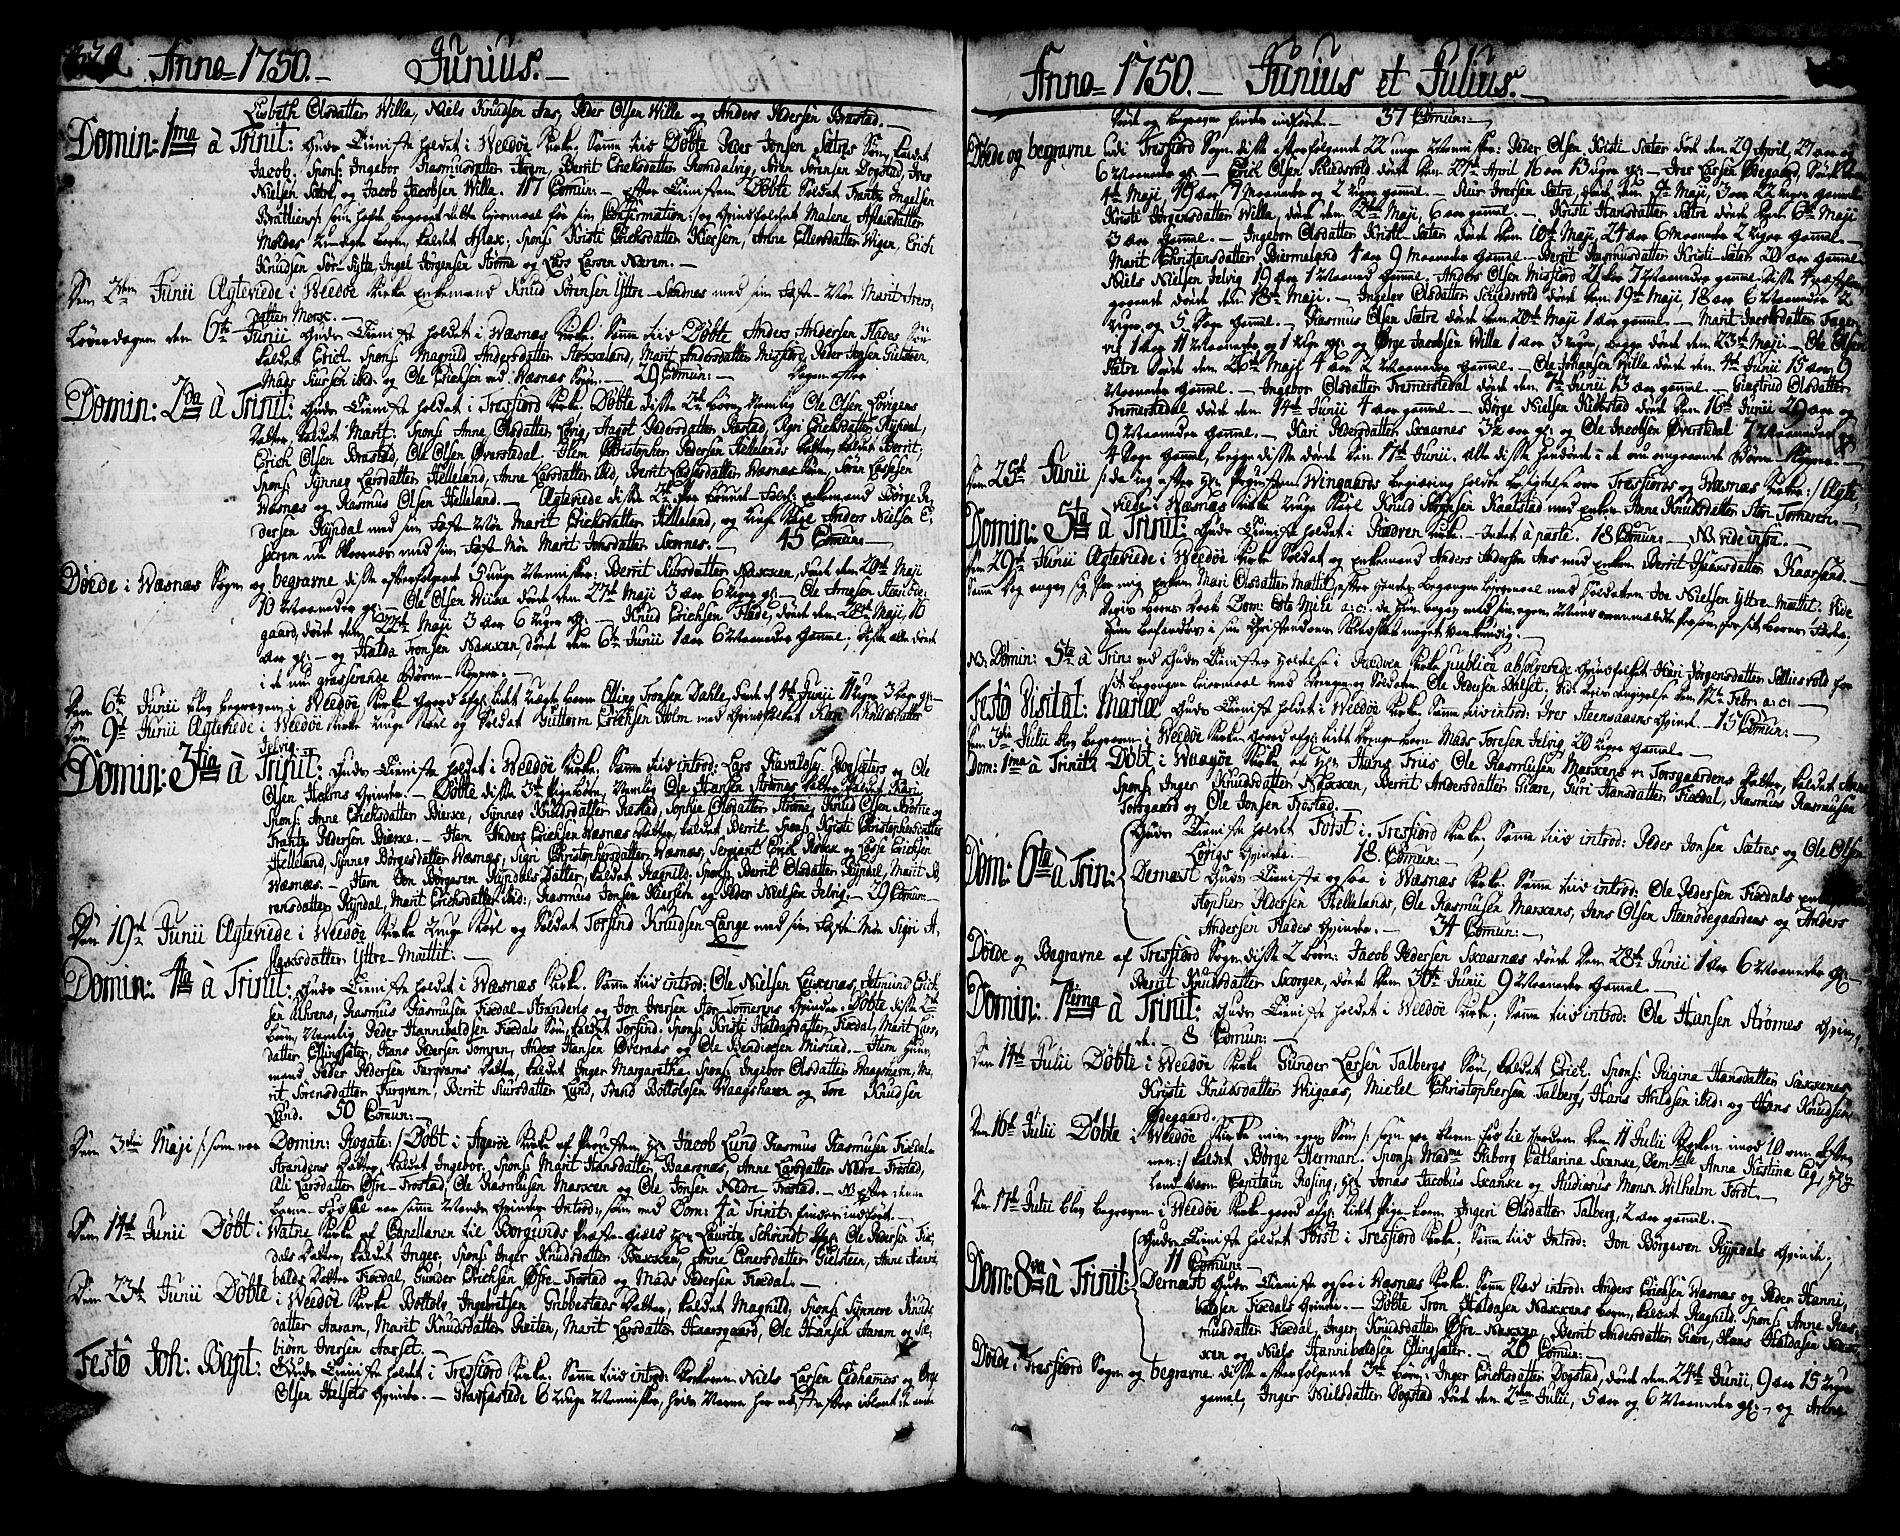 SAT, Ministerialprotokoller, klokkerbøker og fødselsregistre - Møre og Romsdal, 547/L0599: Ministerialbok nr. 547A01, 1721-1764, s. 329-330